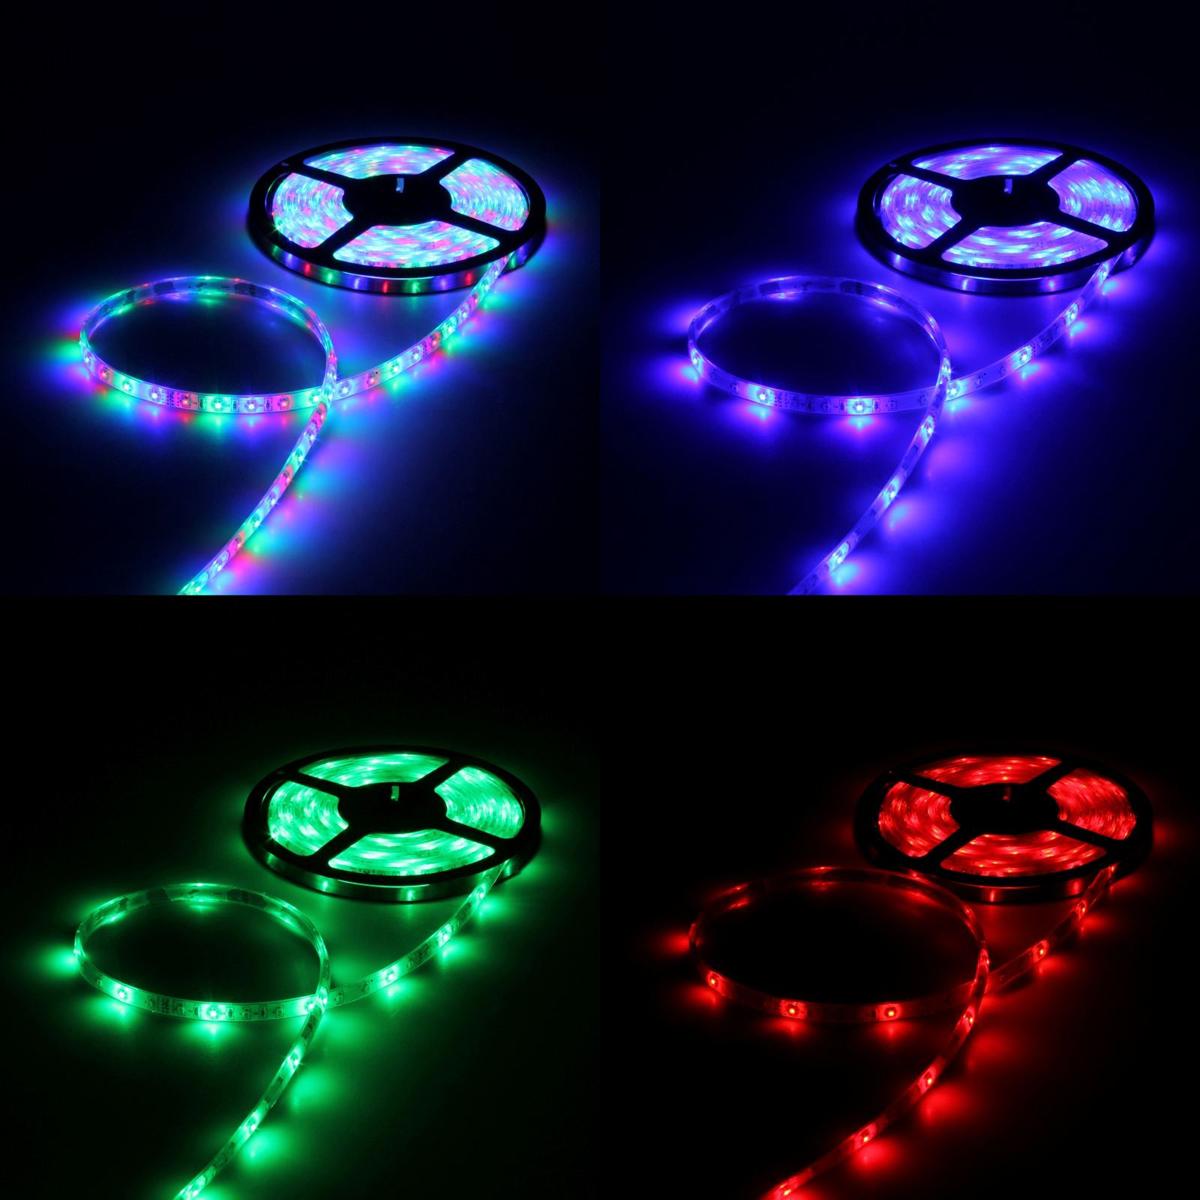 Светодиодная лента Luazon, 12В, SMD3528, длина 5 м, IP68, 60 LED ламп, 4.8 Вт/м, 6-7 Лм/1 LED, DC, цвет: мультиколор883893Светодиодные гирлянды, ленты и т.д — это отличный вариант для новогоднего оформления интерьера или фасада. С их помощью помещение любого размера можно превратить в праздничный зал, а внешние элементы зданий, украшенные ими, мгновенно станут напоминать очертания сказочного дворца. Такие украшения создают ауру предвкушения чуда. Деревья, фасады, витрины, окна и арки будто специально созданы, чтобы вы украсили их светящимися нитями.